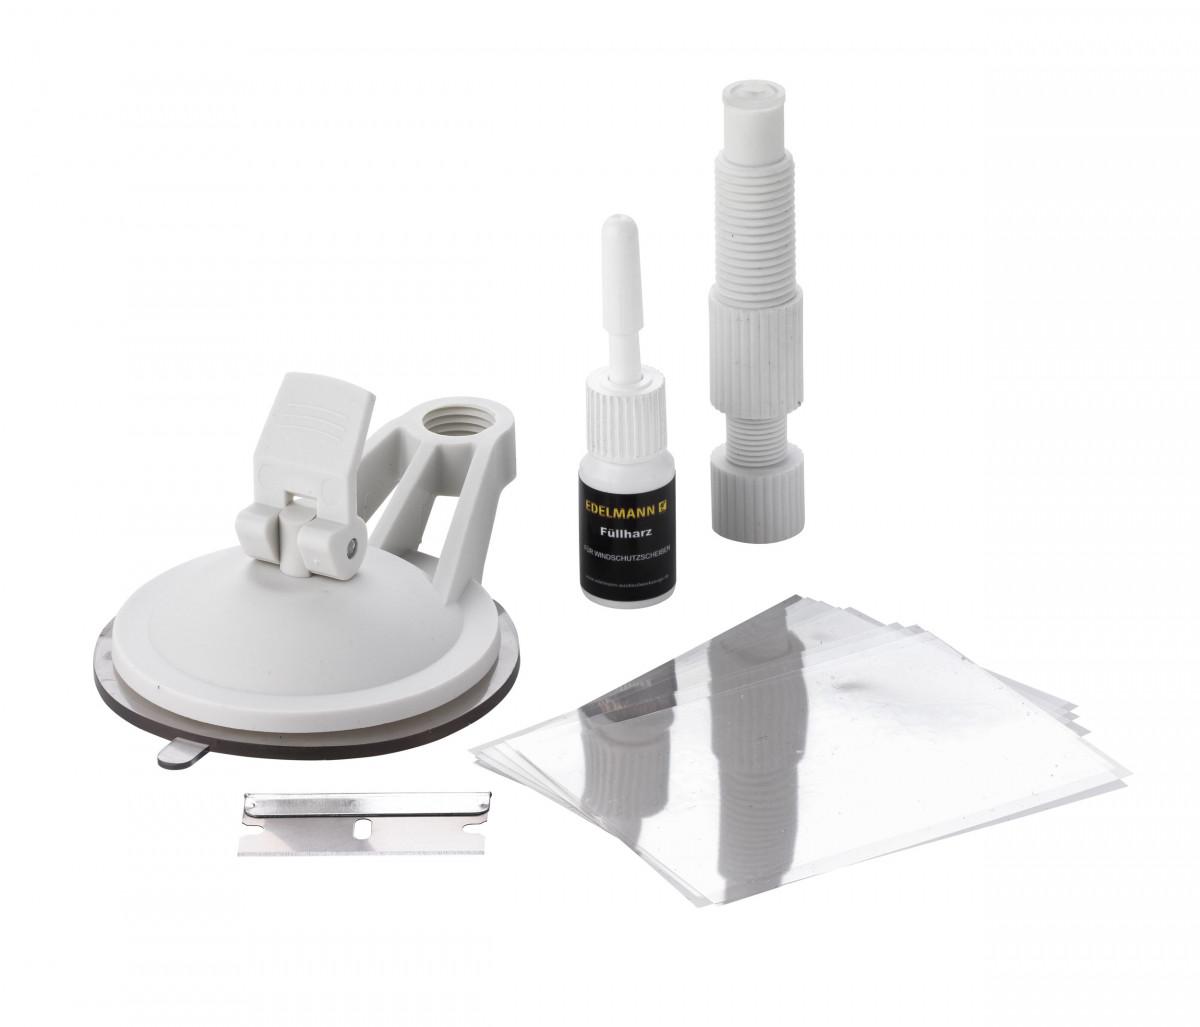 diy scheibenreparaturset windschutzscheibenreparatur steinschlagreparatur. Black Bedroom Furniture Sets. Home Design Ideas